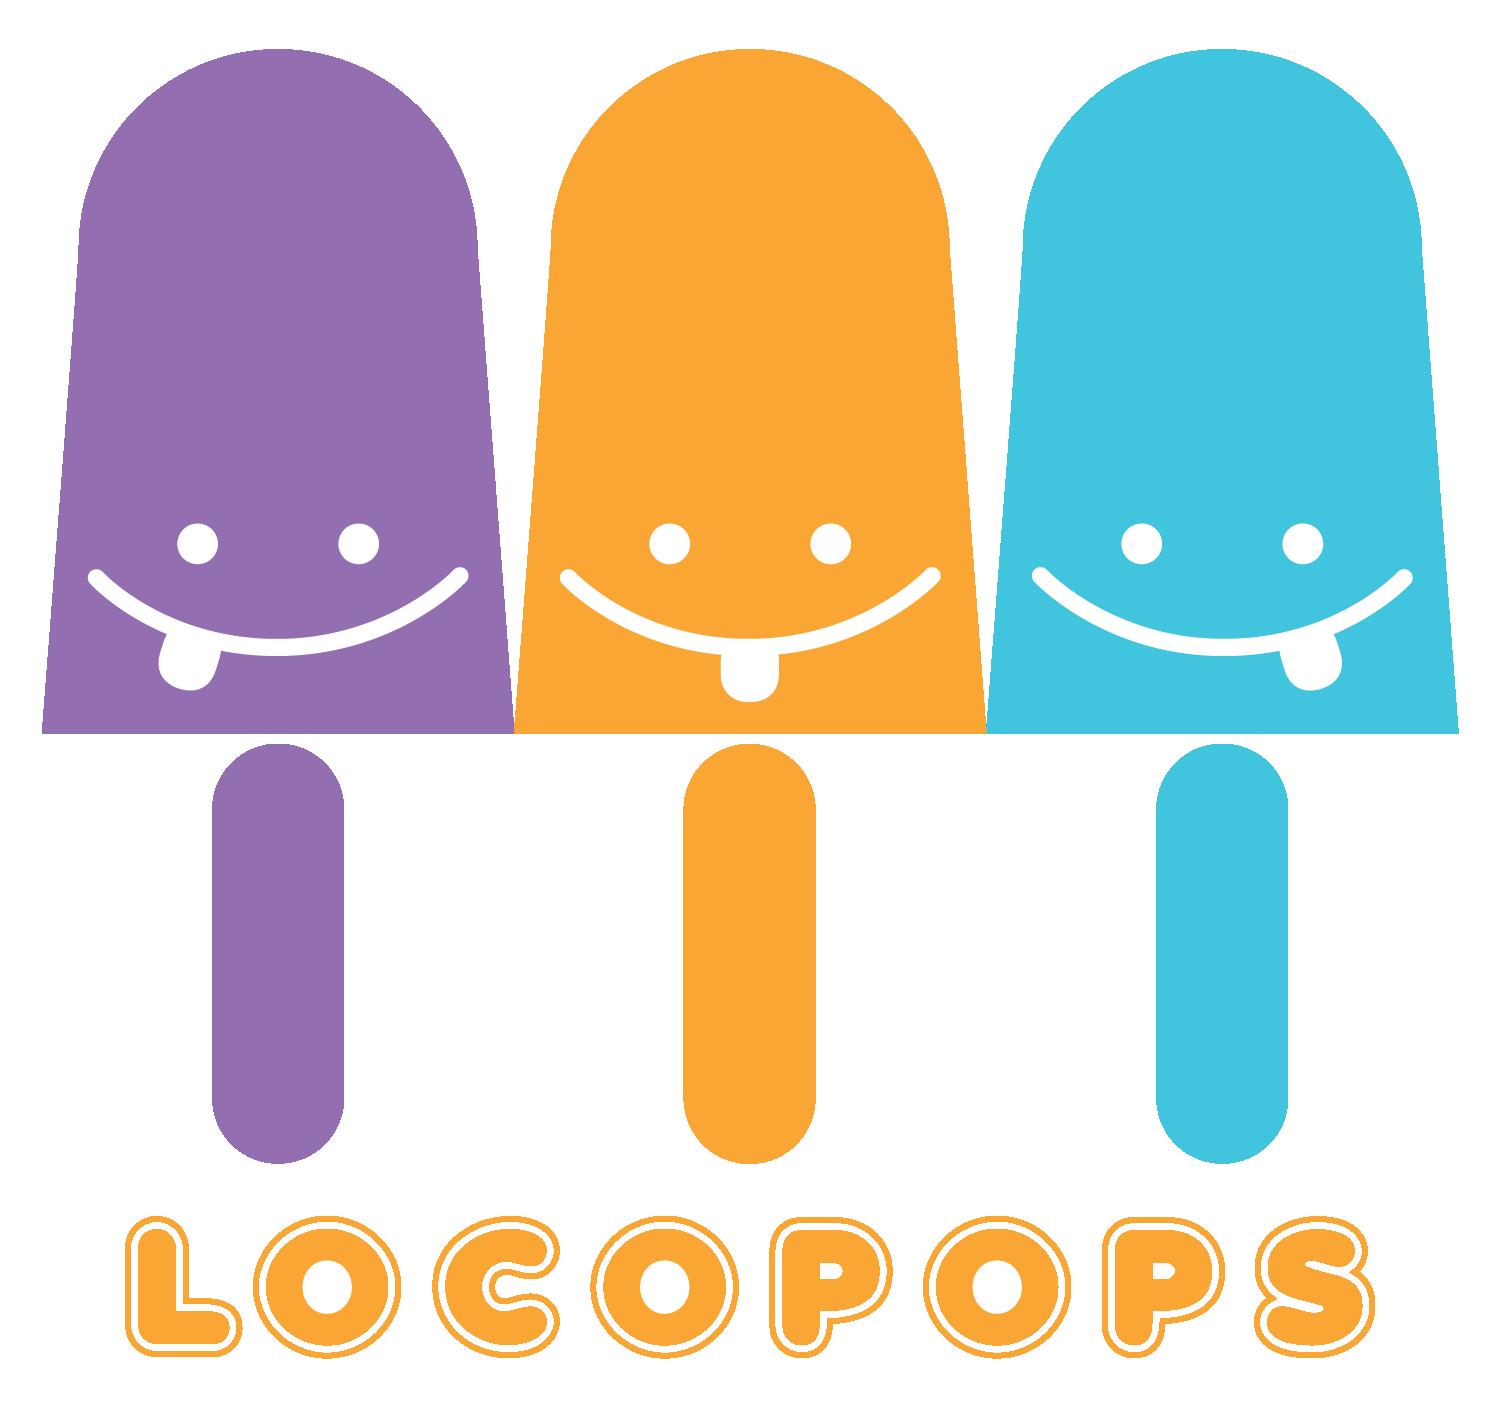 LocoPopsLogo-01.png